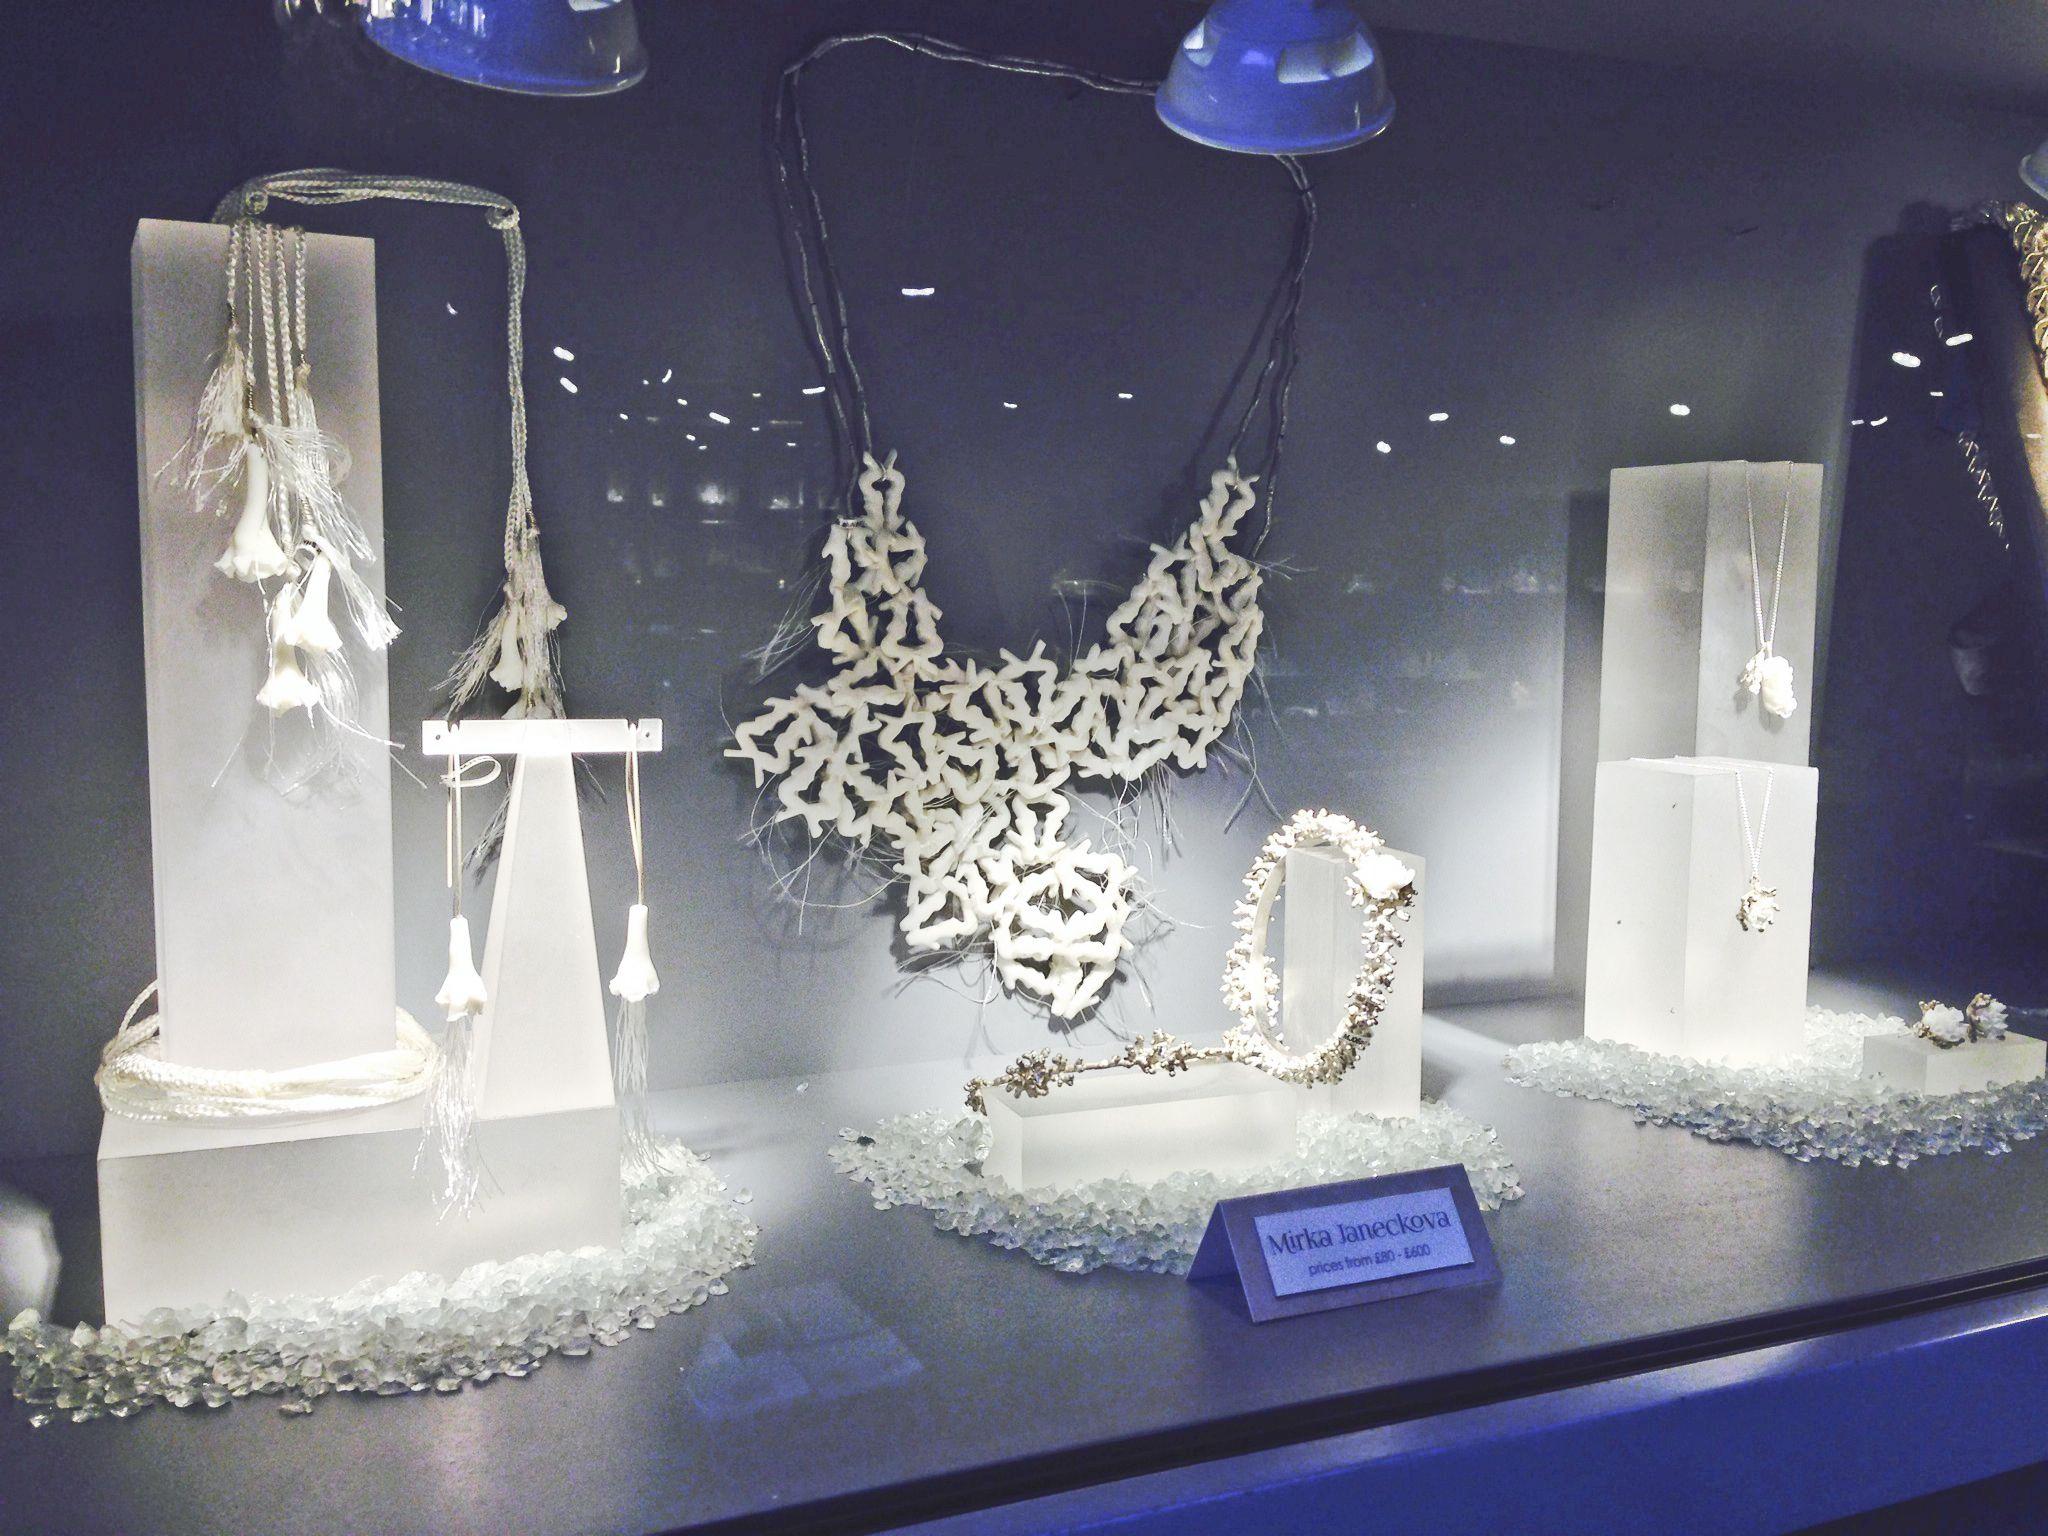 Window display ideas for jewelry  mirka janeckovaczuk jewellery